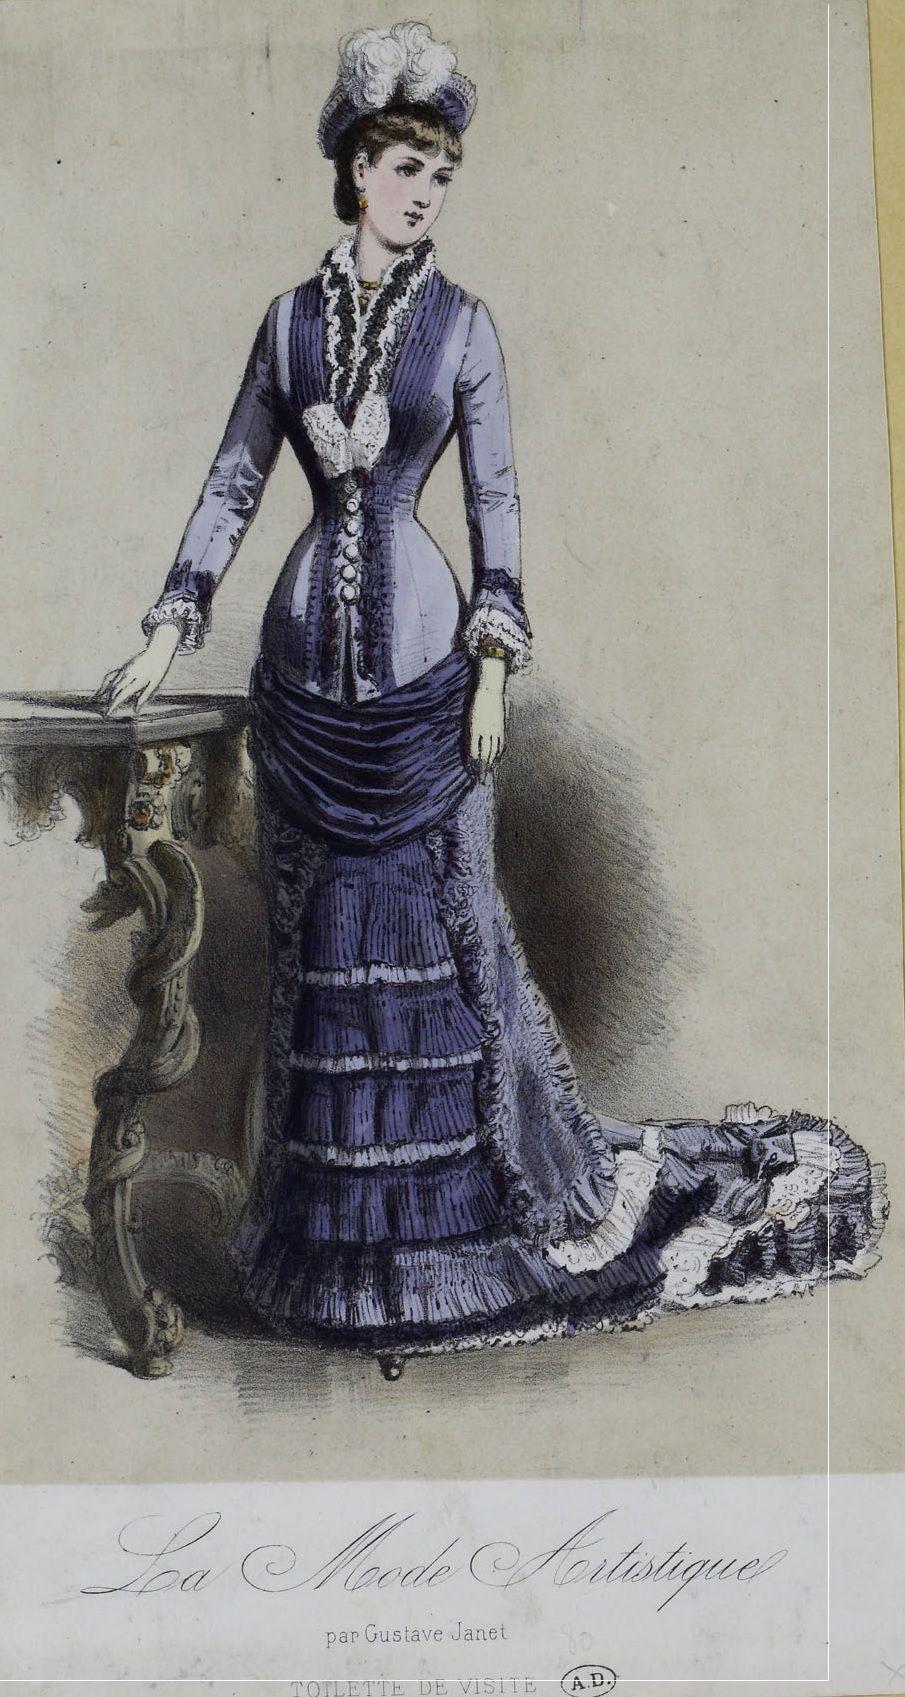 Au Bonheur Des Dames Toulouse : bonheur, dames, toulouse, Artistique, Bonheur, Dames,, Style, Victorien,, Historique